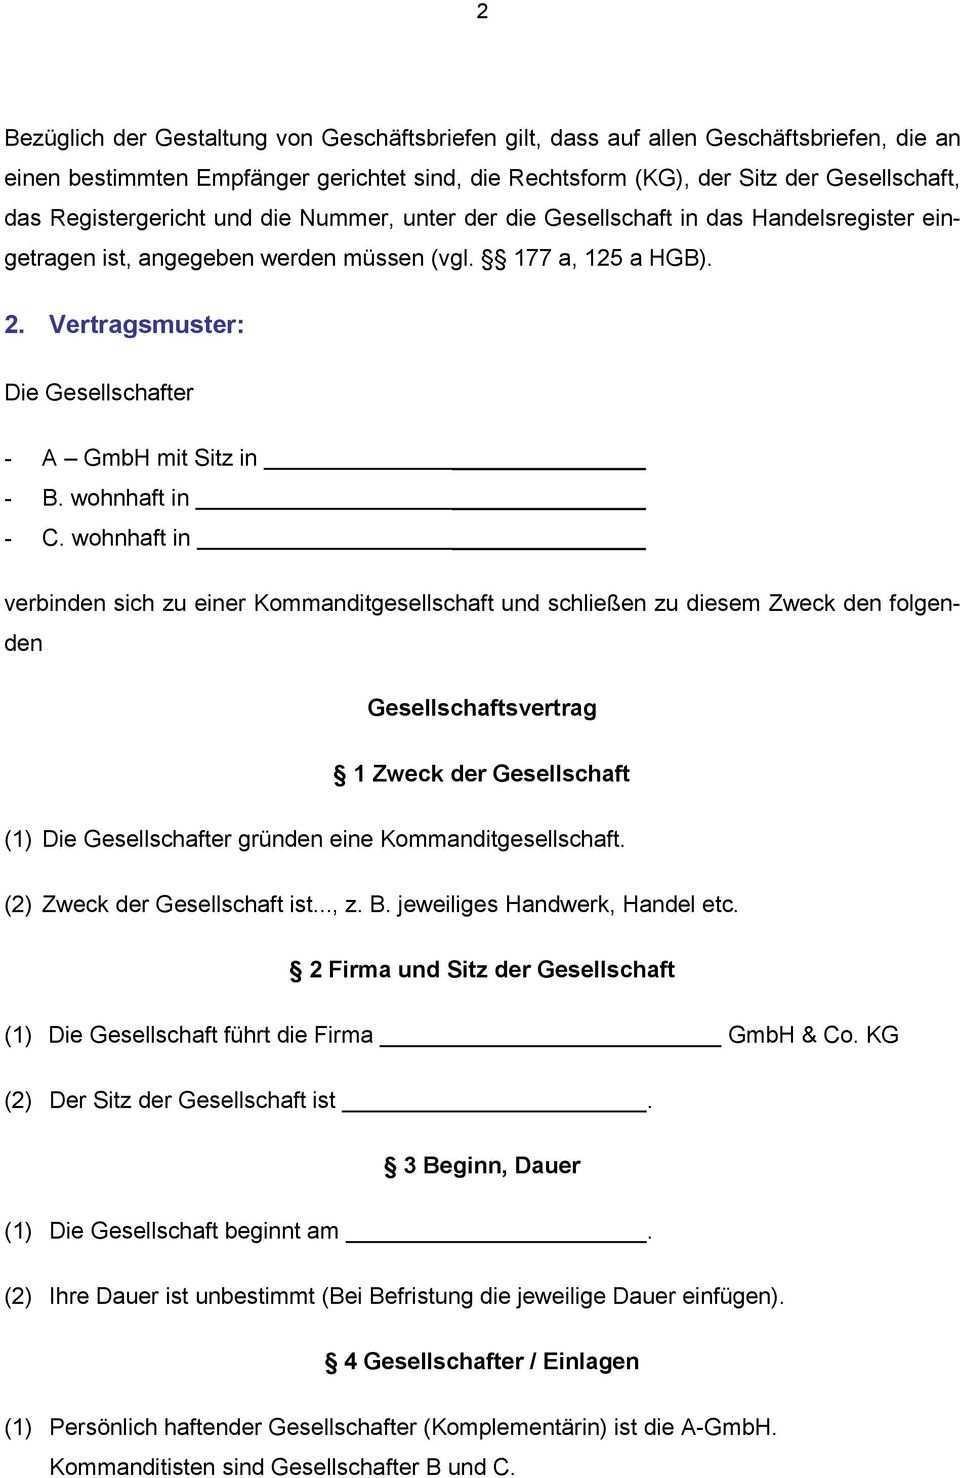 Gesellschaftsvertrag Einer Gmbh Co Kg Pdf Free Download